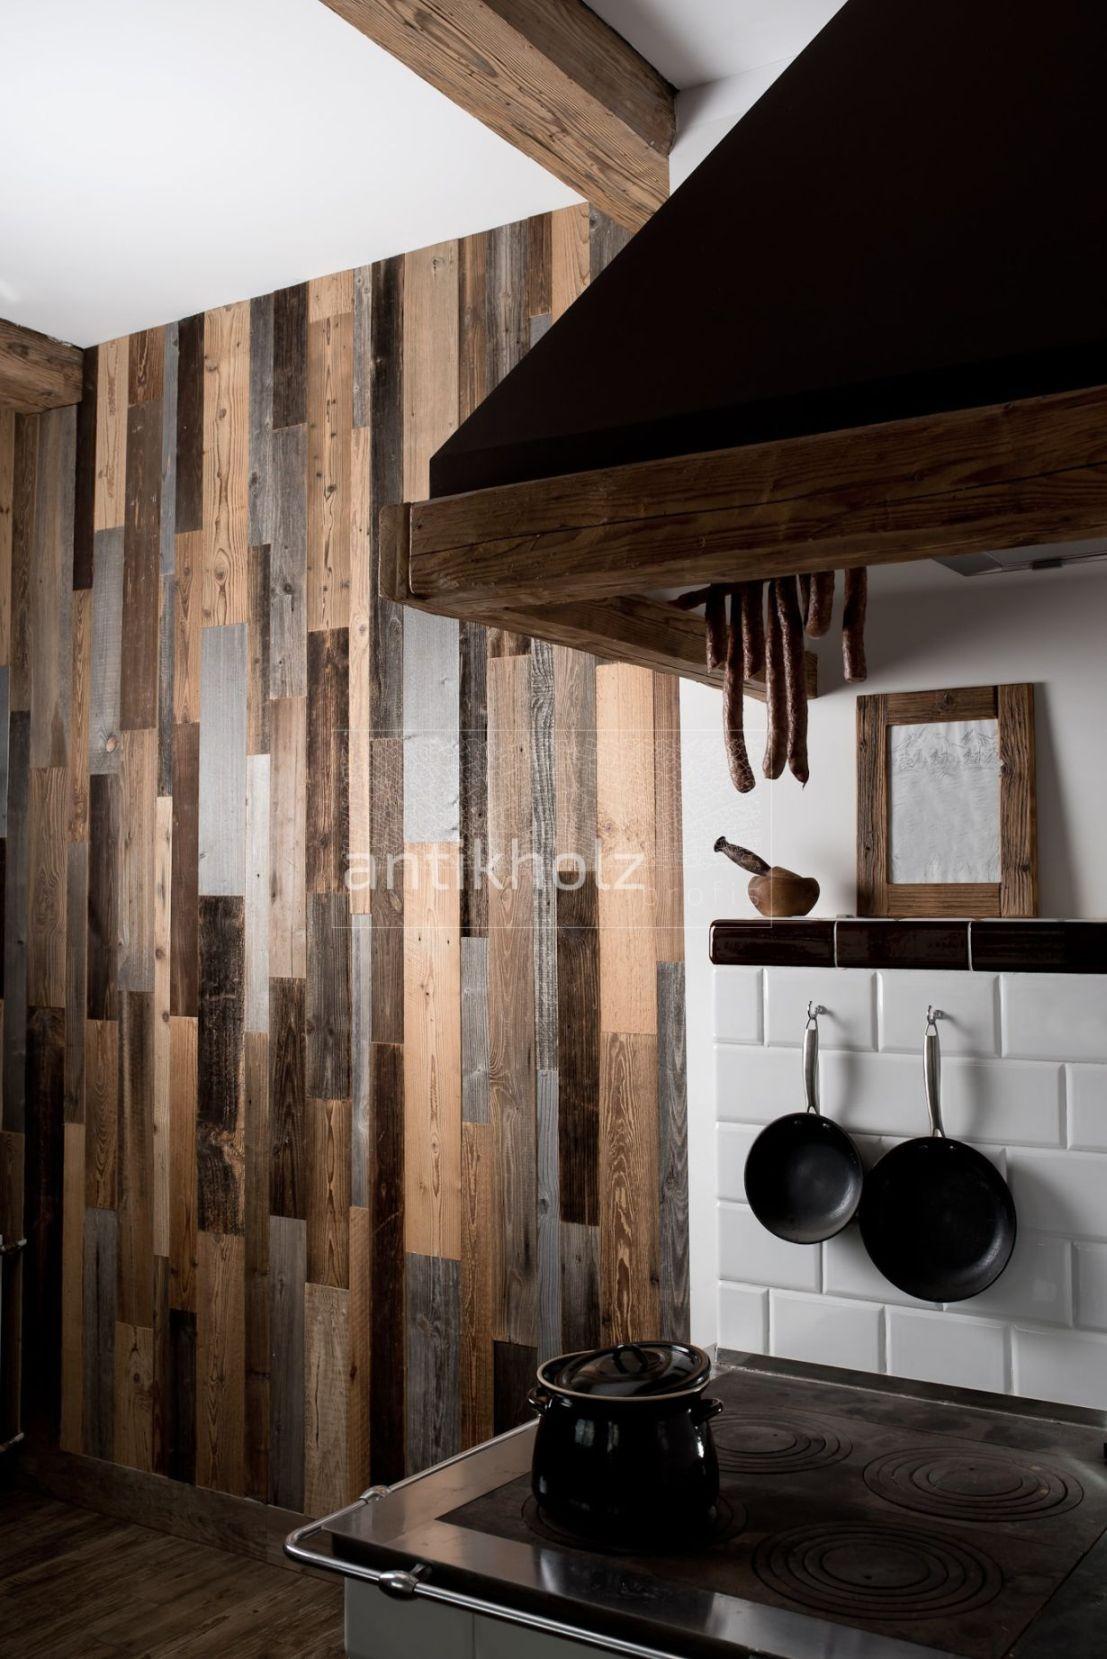 Panele ścienne, stare drewno z efektem 3D, dekoracja ścian, dł. 120 cm